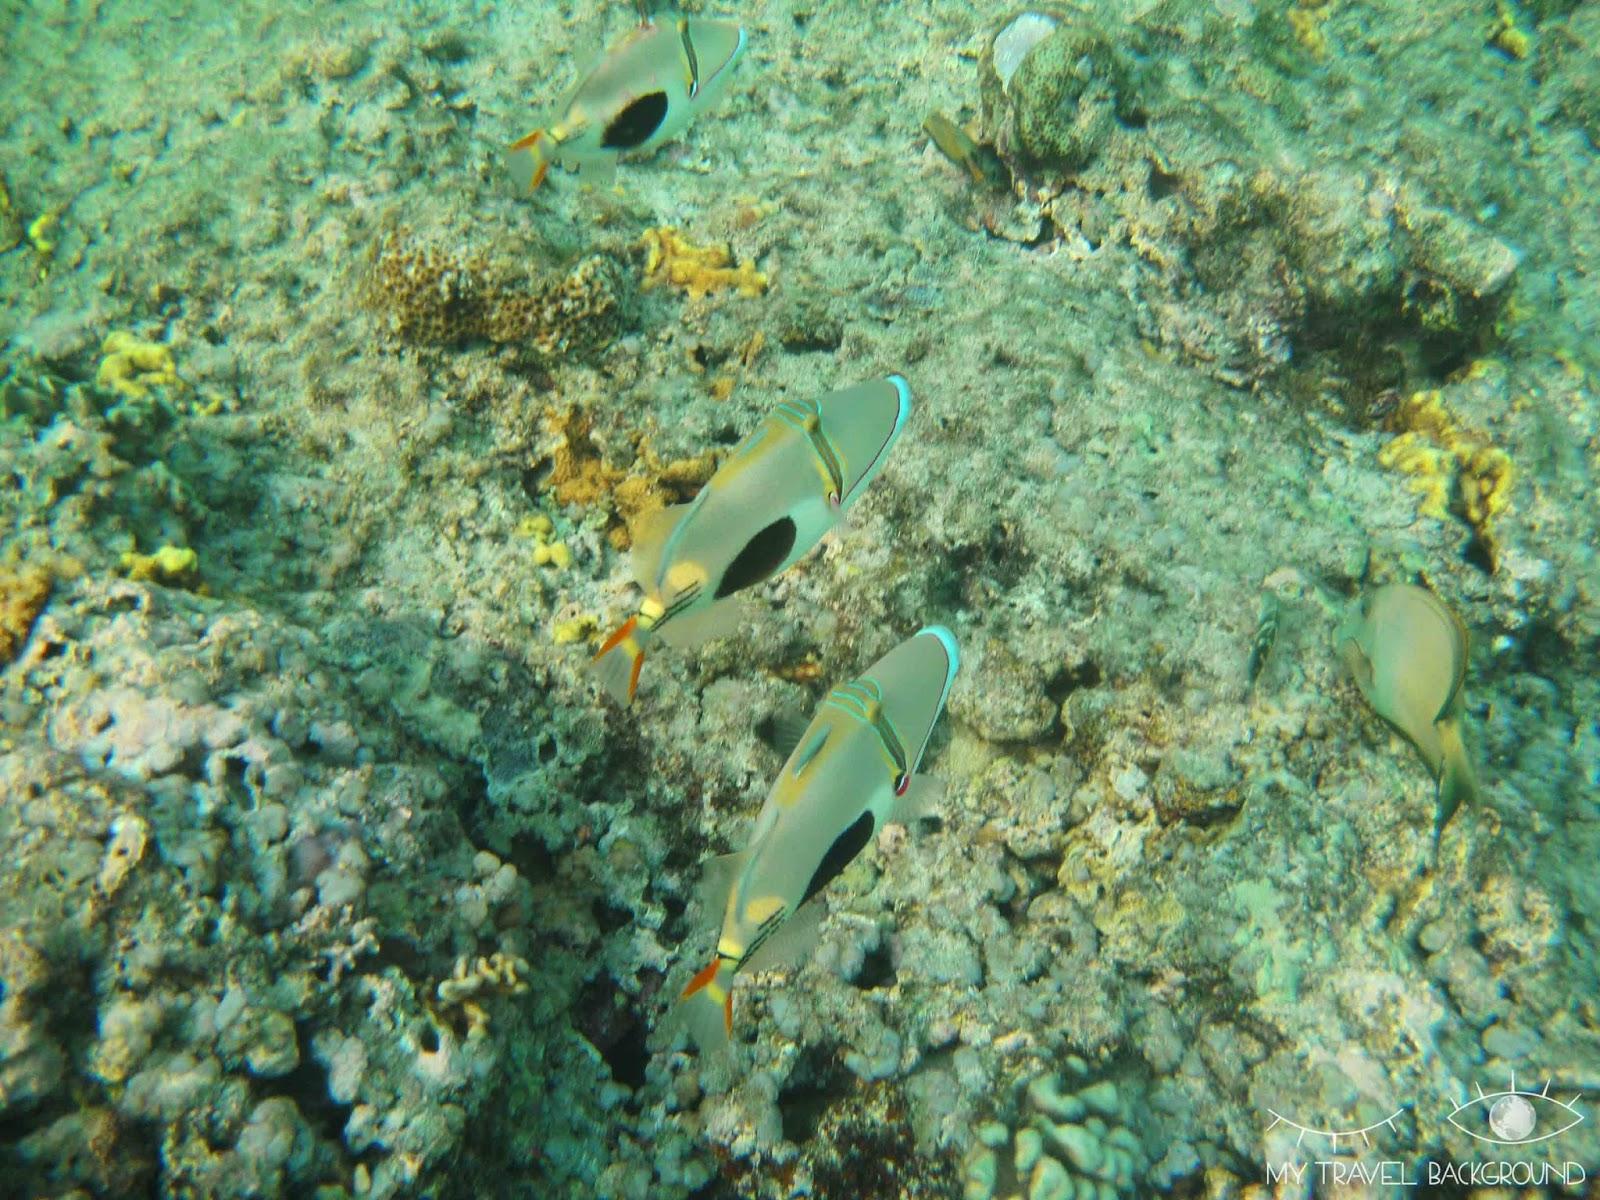 My Travel Background : 8 lieux où plonger dans le monde, Indonésie